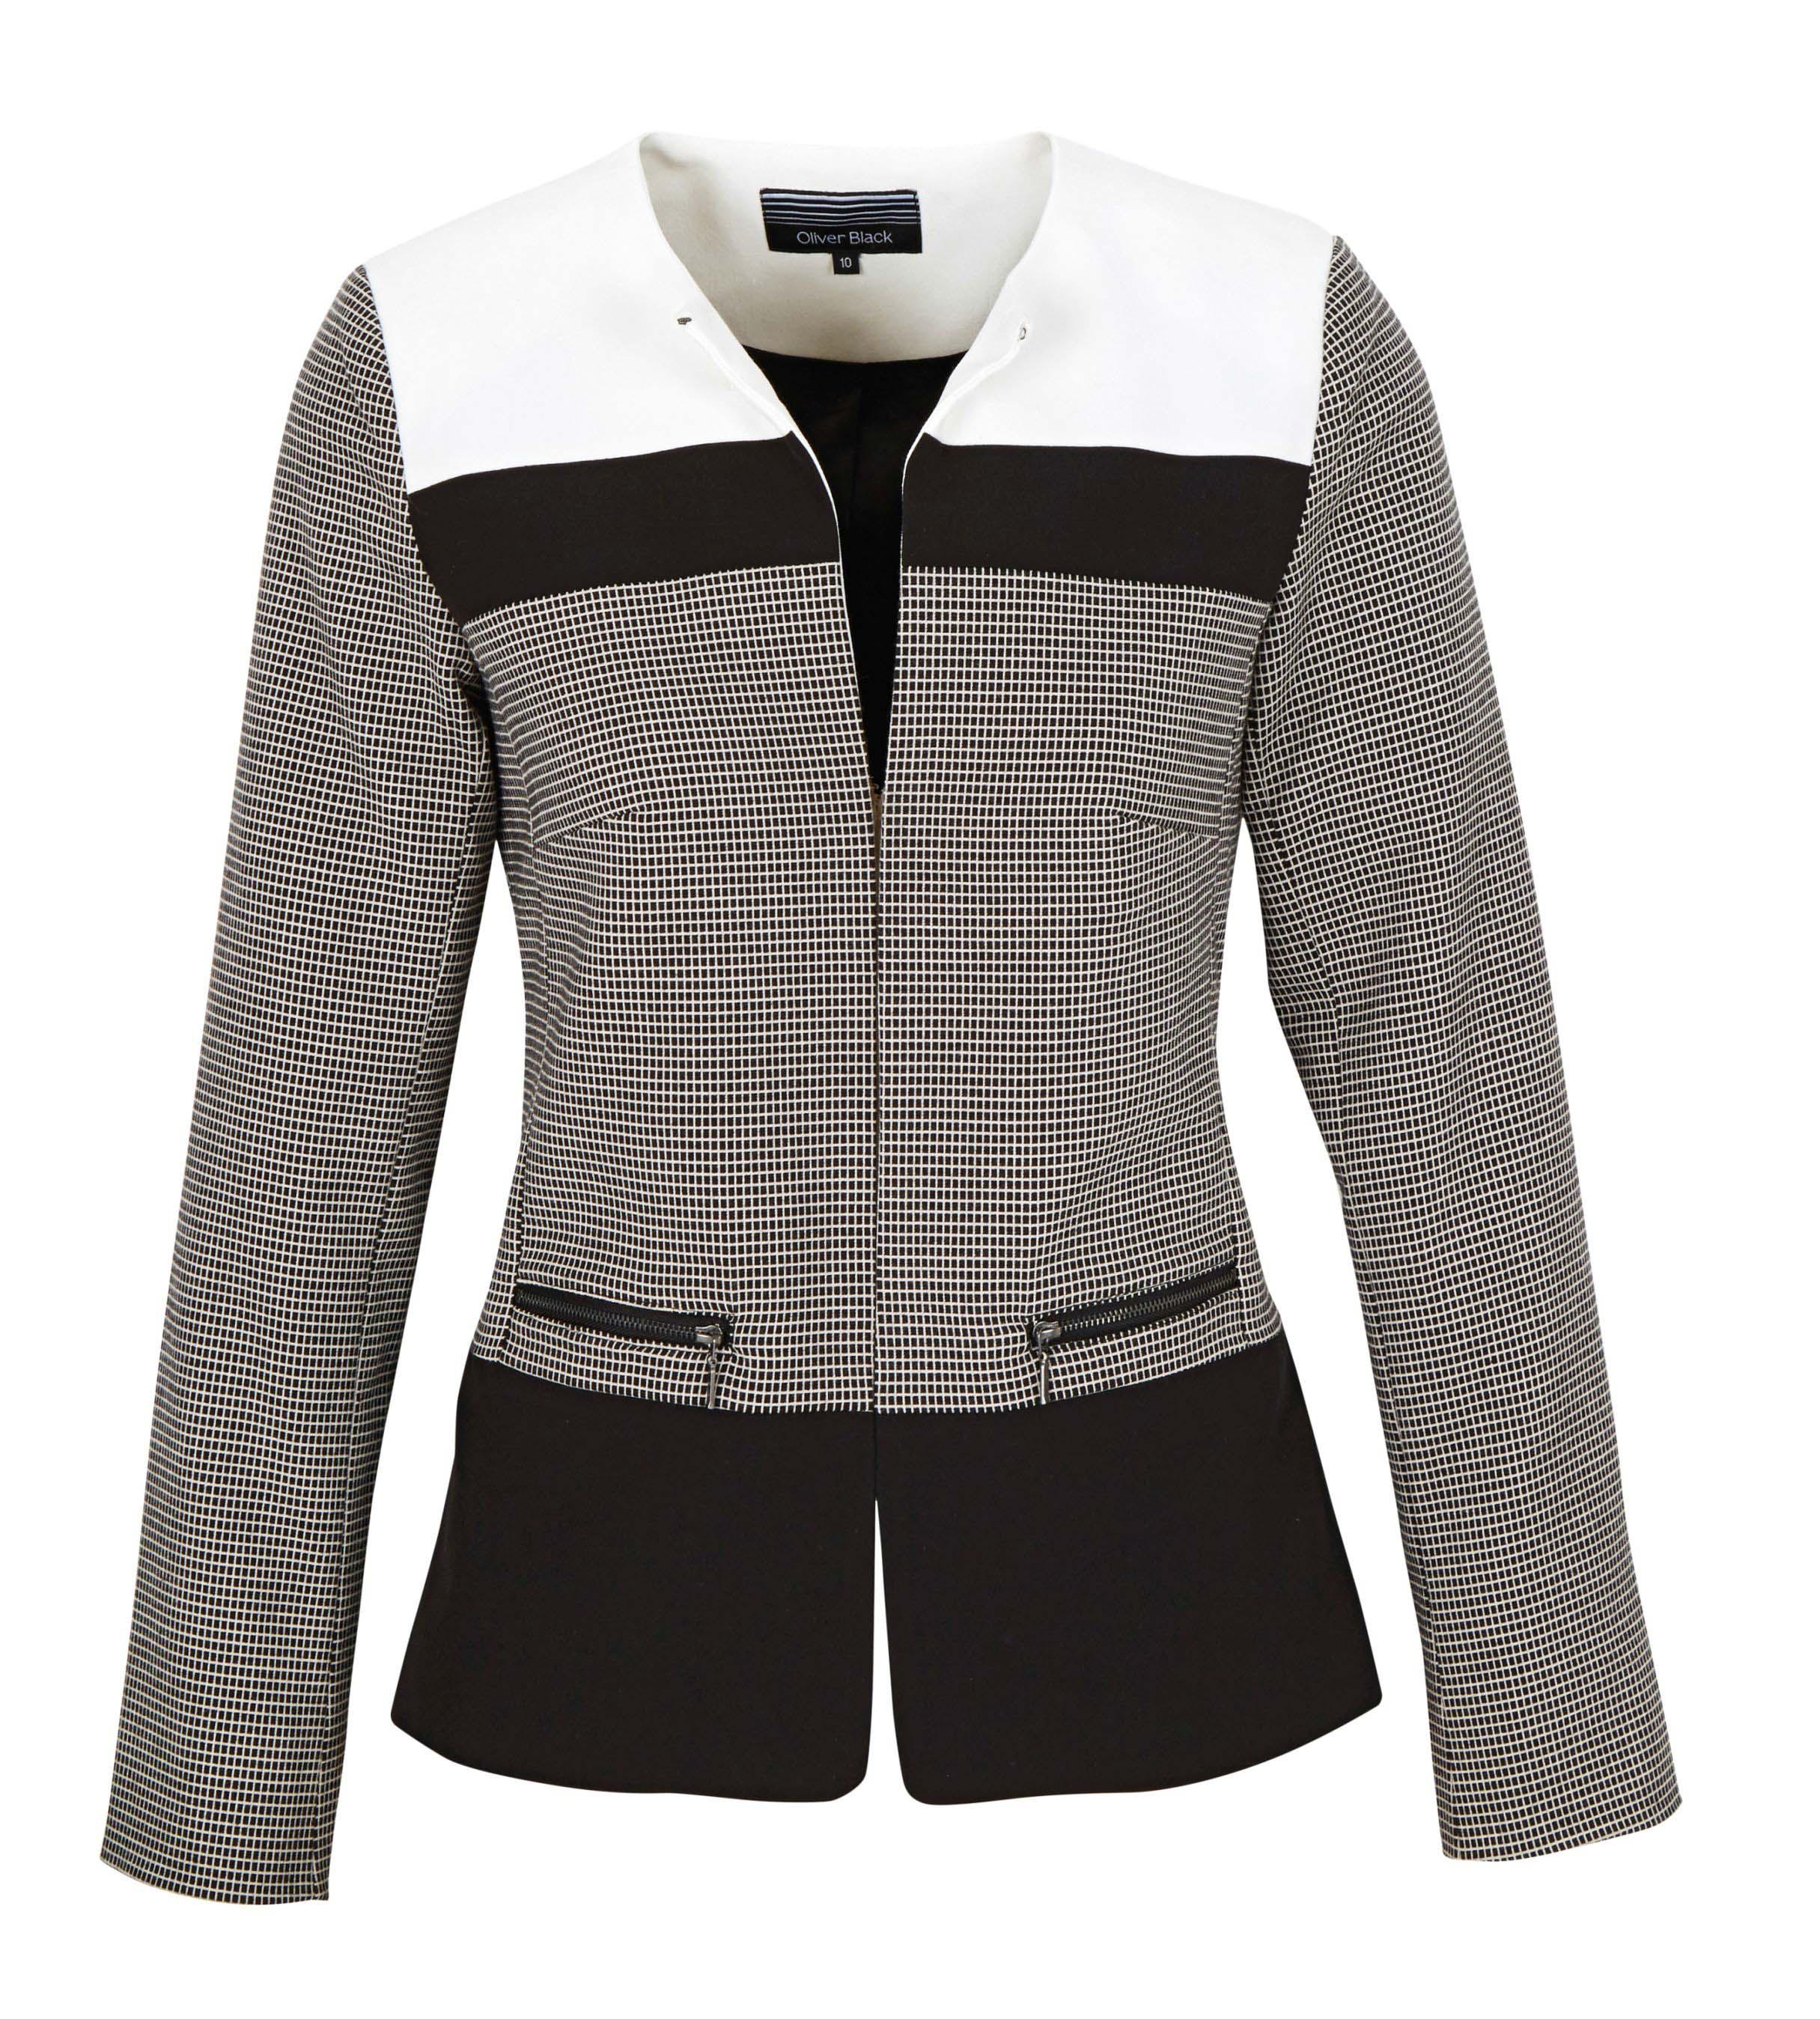 6089617 Oliver Black Colour Block Jacket $139.99 Instore March 07 2016